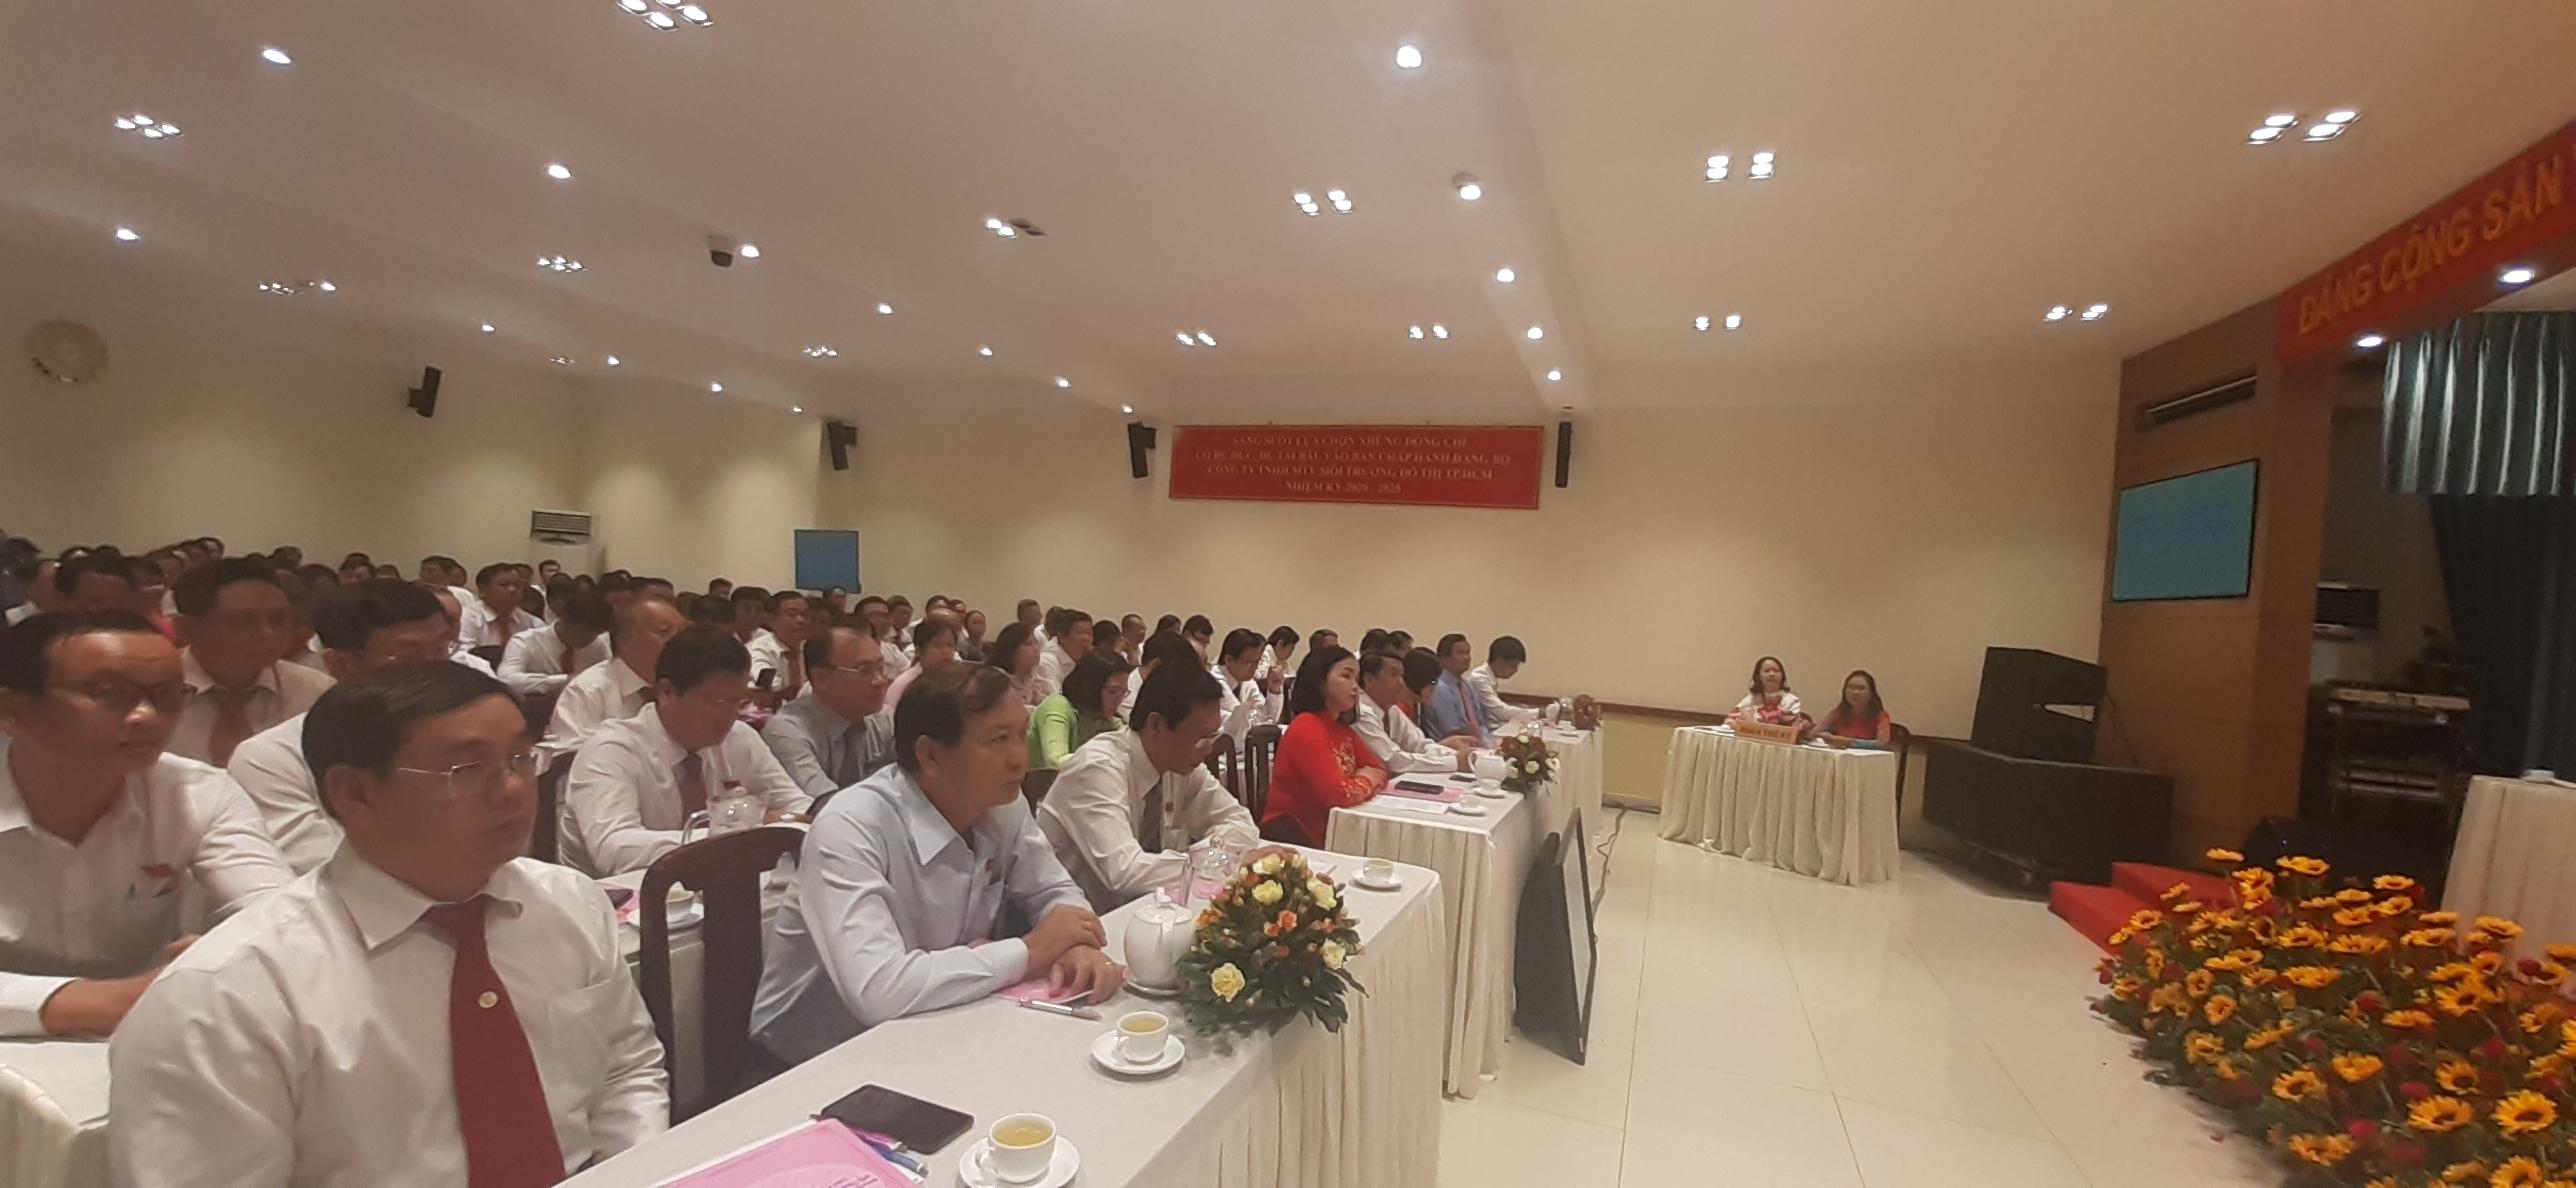 Đại hội triệu tập 99 đại biểu đại diện cho 266 đảng viên toàn Đảng bộ.